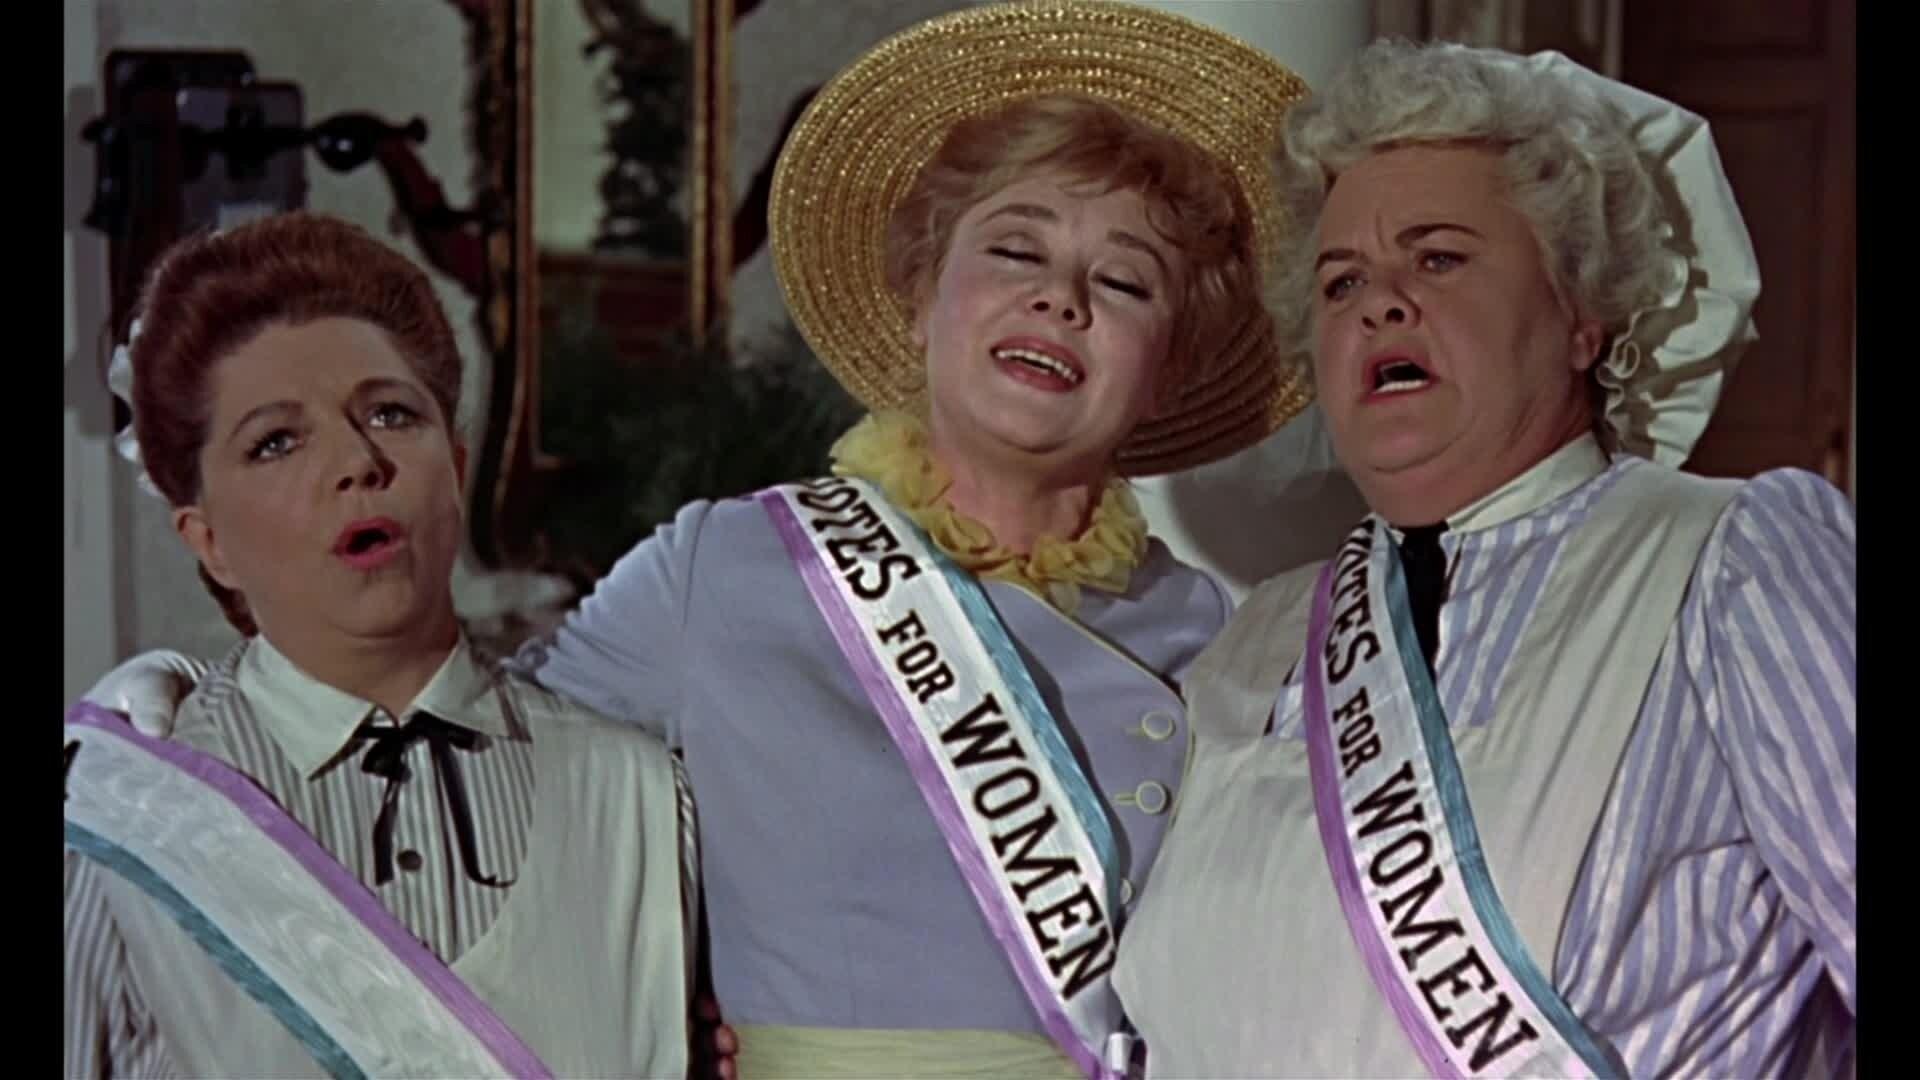 Mary Poppins - Chanson : Les Soeurs Suffragettes (par Mme Banks, Ellen et Mme Brill)